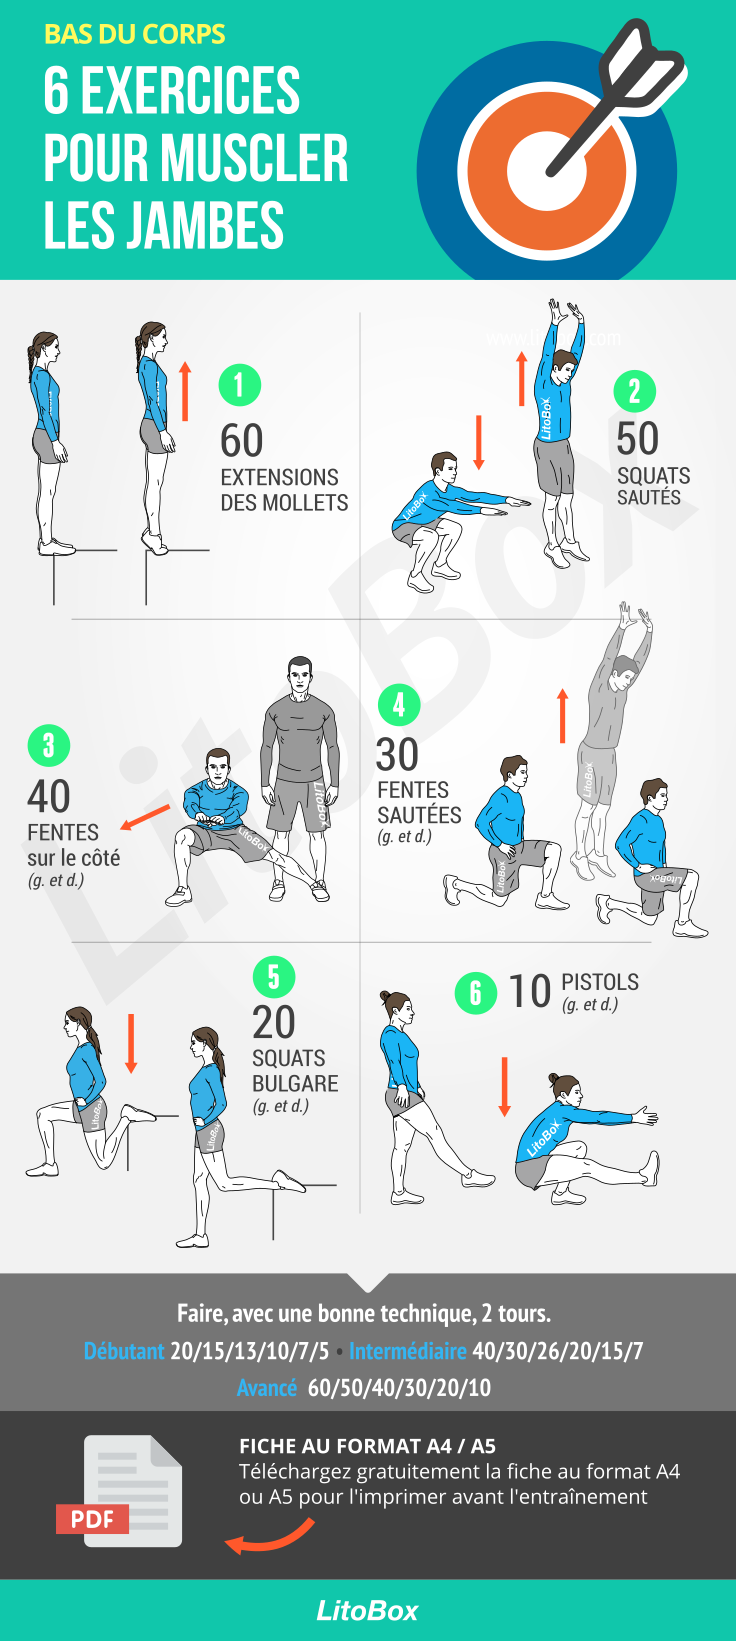 6 exercices sans matériel pour se muscler les jambes #451